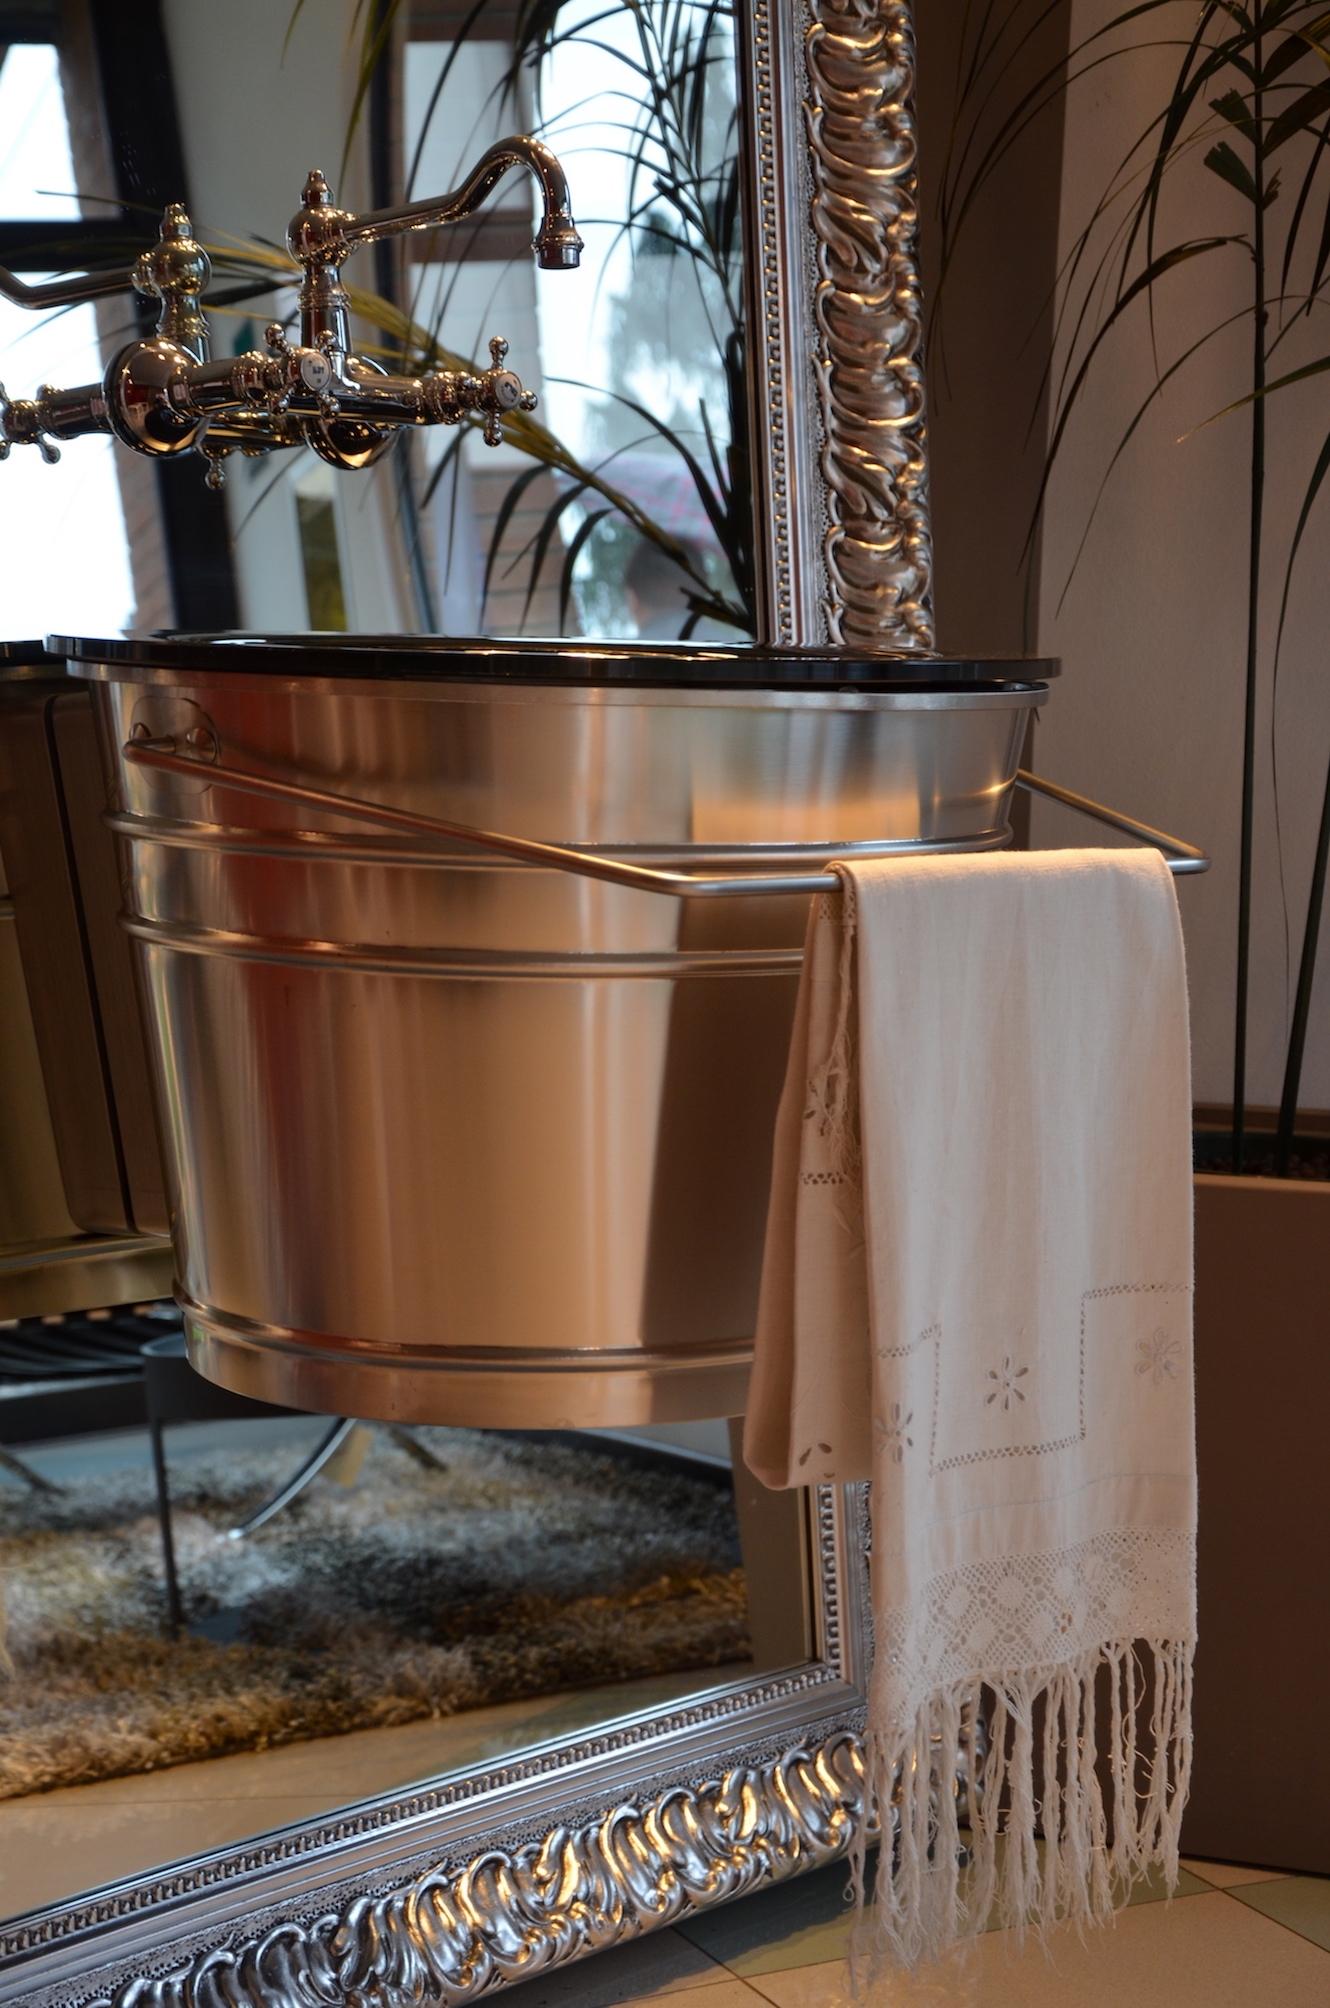 arredo bagno secjo di altamarea scontato del 54% - arredo bagno a ... - Arredo Bagno Provincia Di Milano